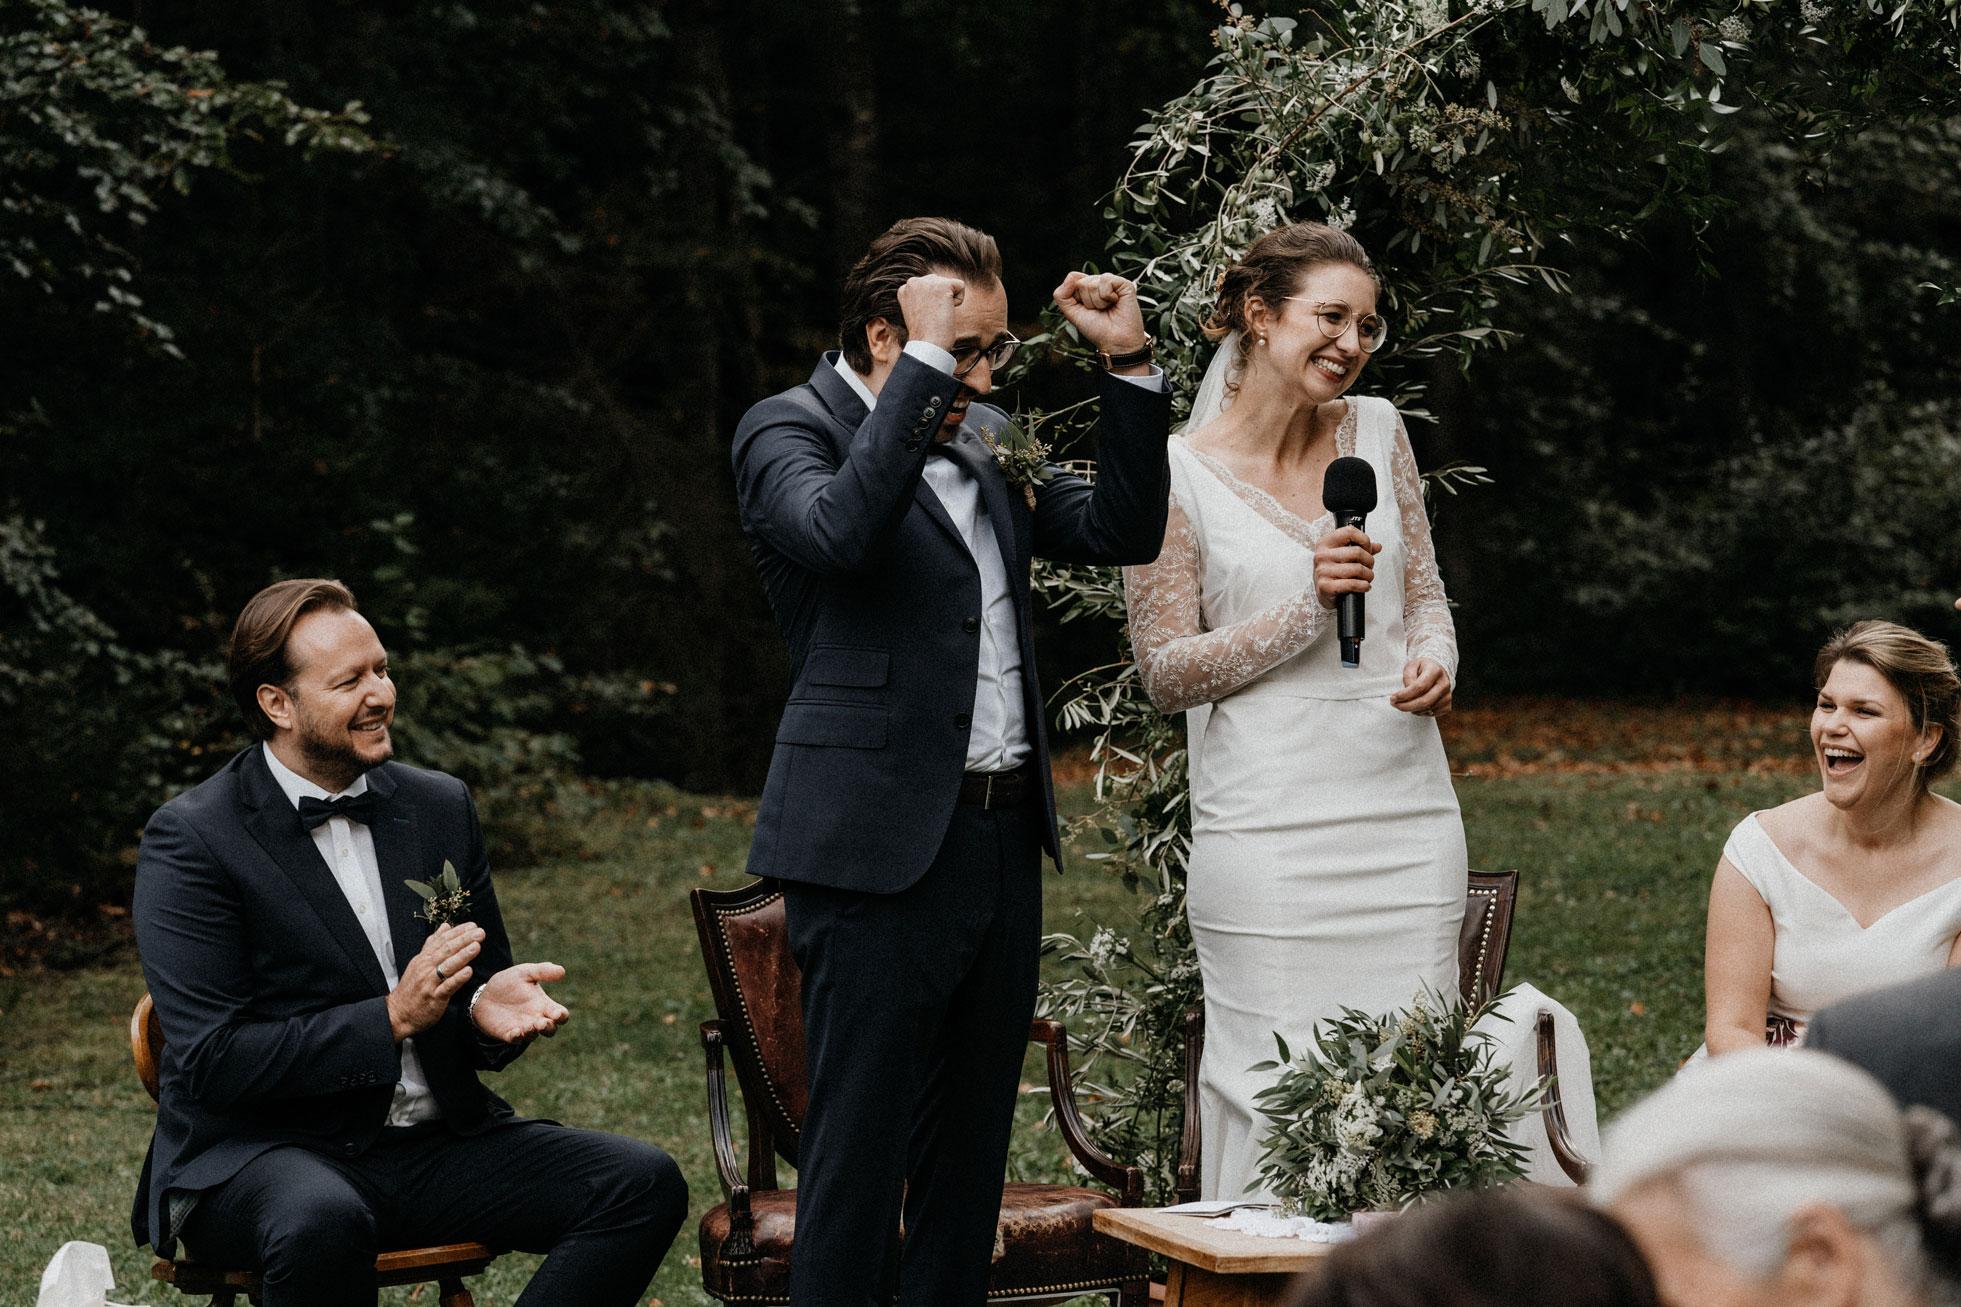 Hochzeit_Claire_Manuel_Villa_Maund_Daniel_Jenny-186.jpg